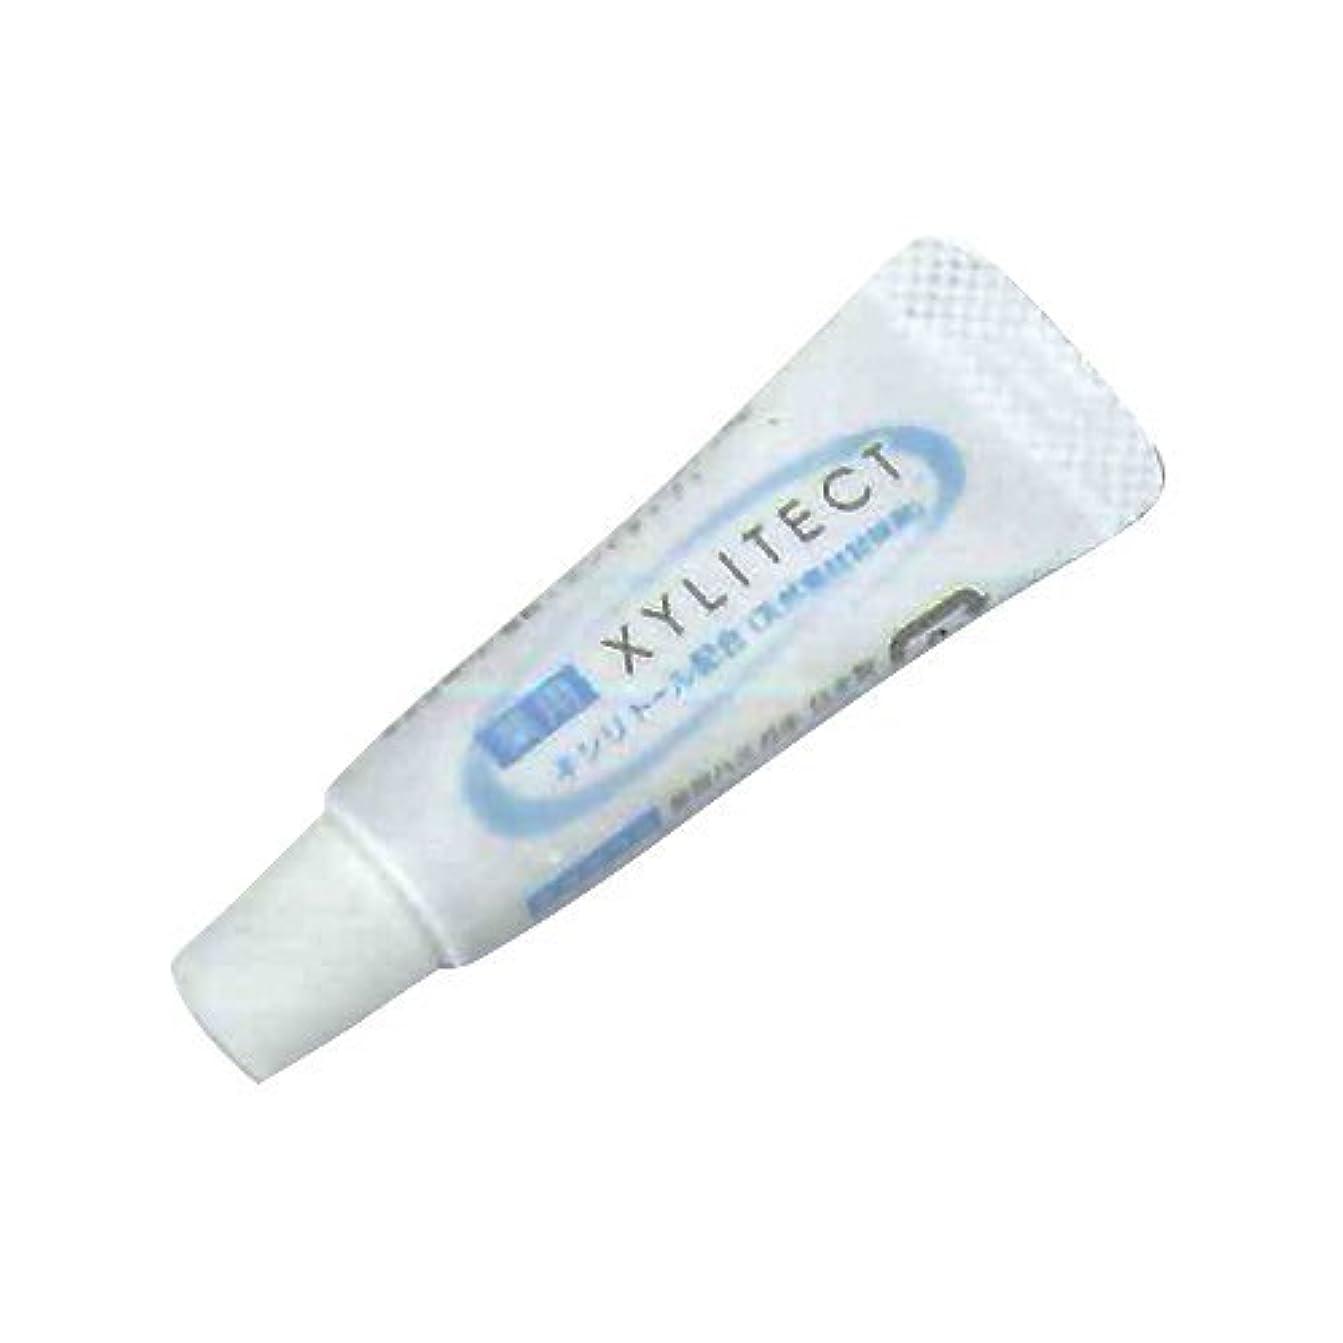 業務用歯磨き粉 薬用キシリテクト (XYLITECT) 4.5g ×200個セット (個包装タイプ) | ホテルアメニティ ハミガキ toothpaste